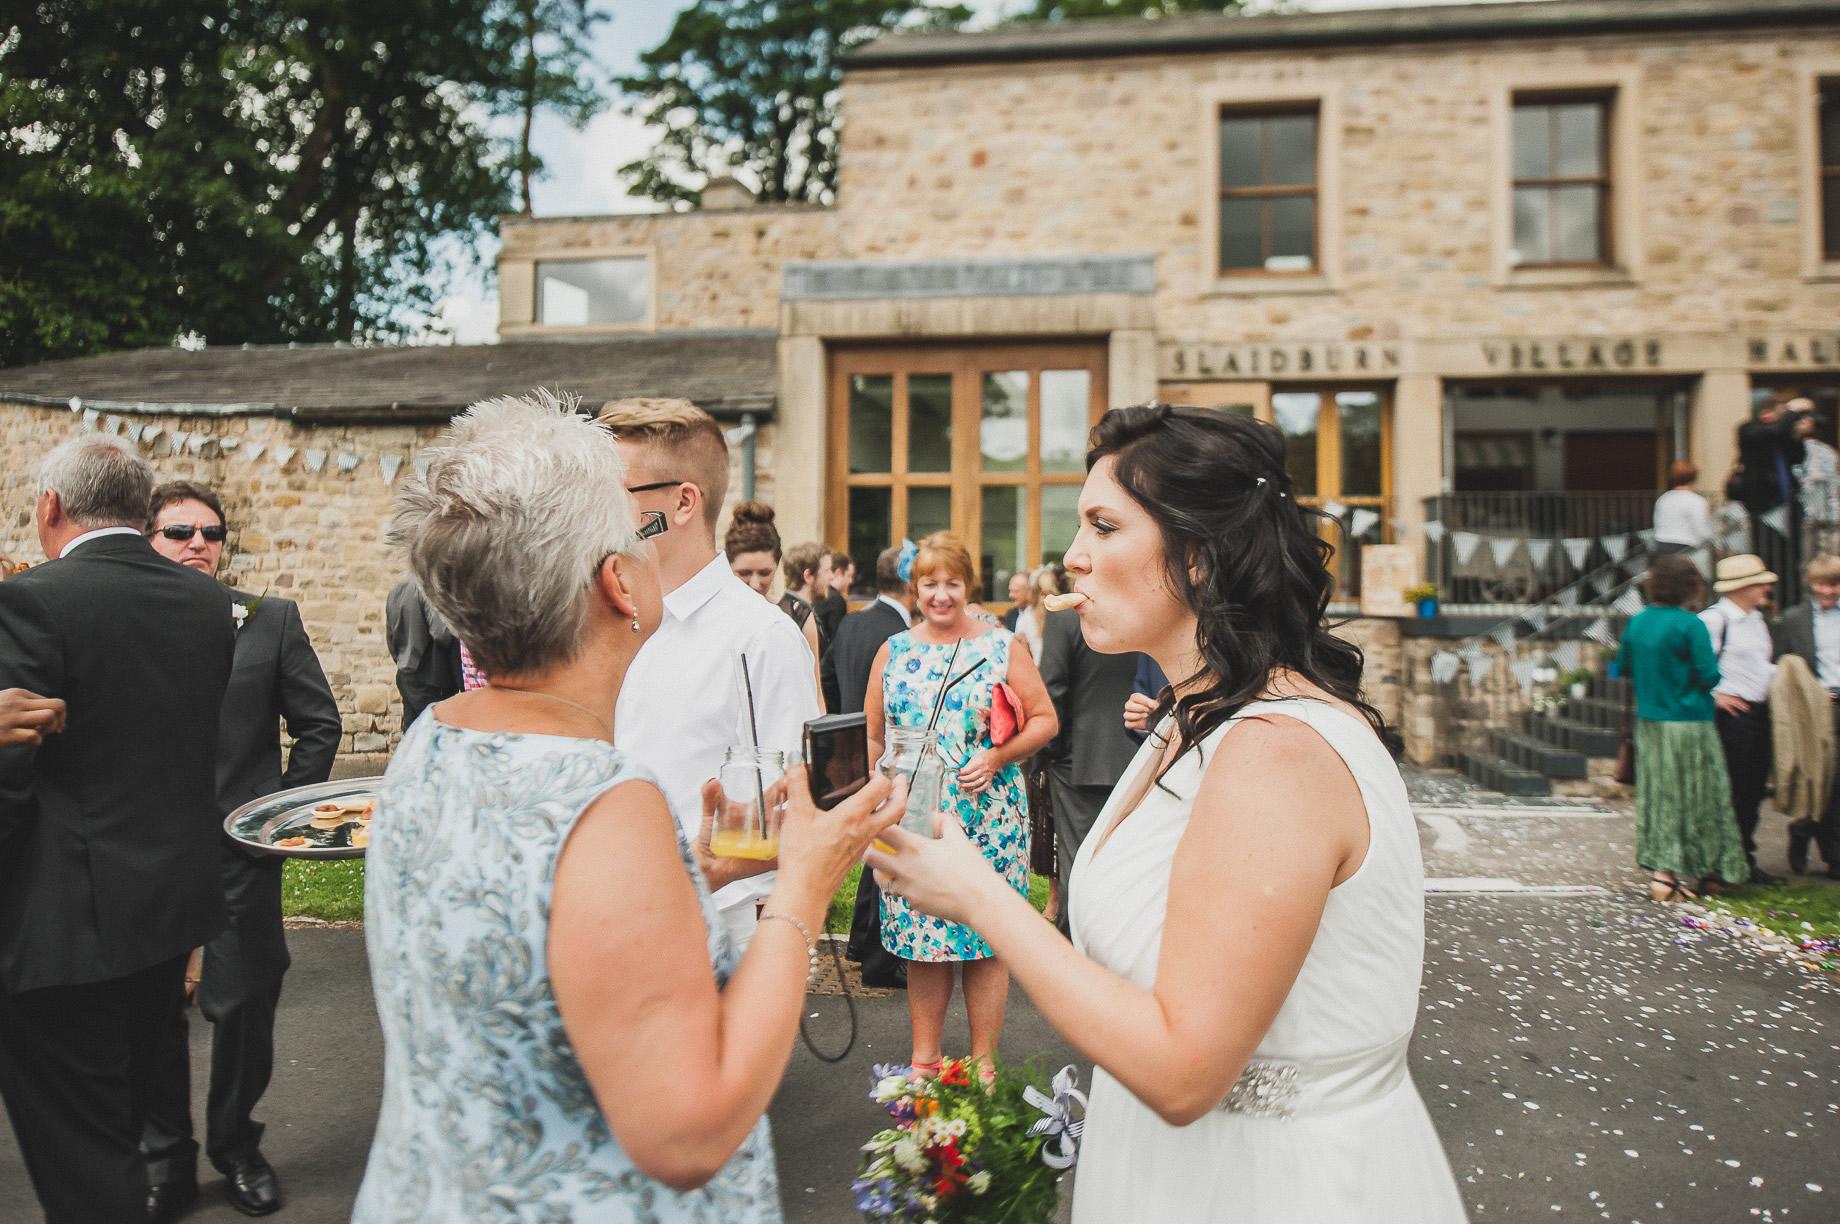 Becky and John's Wedding at Slaidburn Village Hall 107